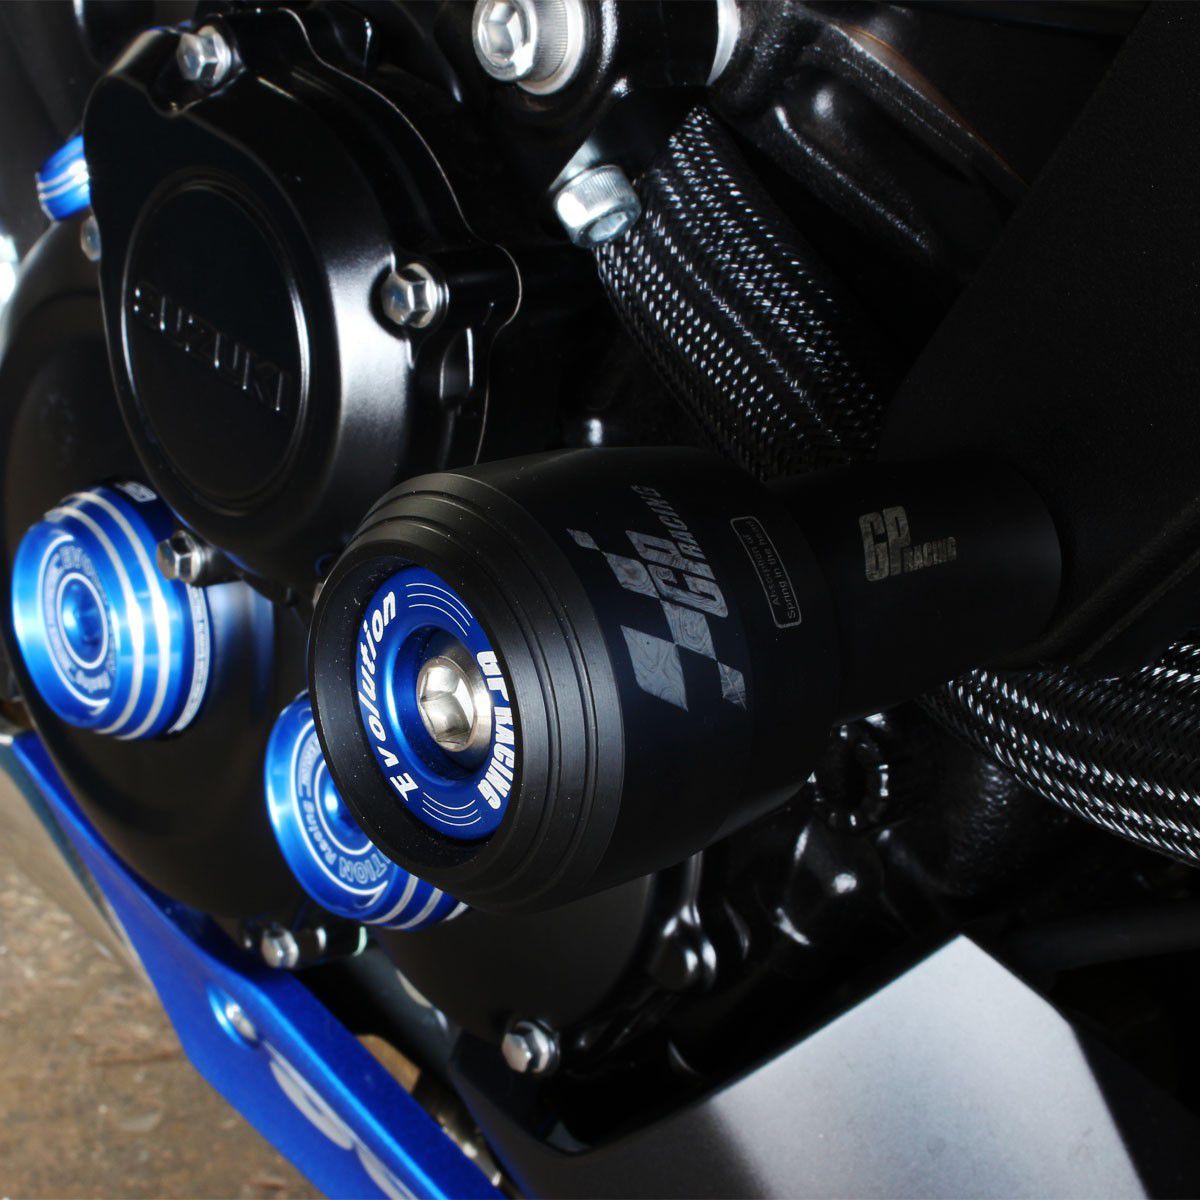 Slider Hornet CB 600F CB600F 2008 2009 2010 2011 2012